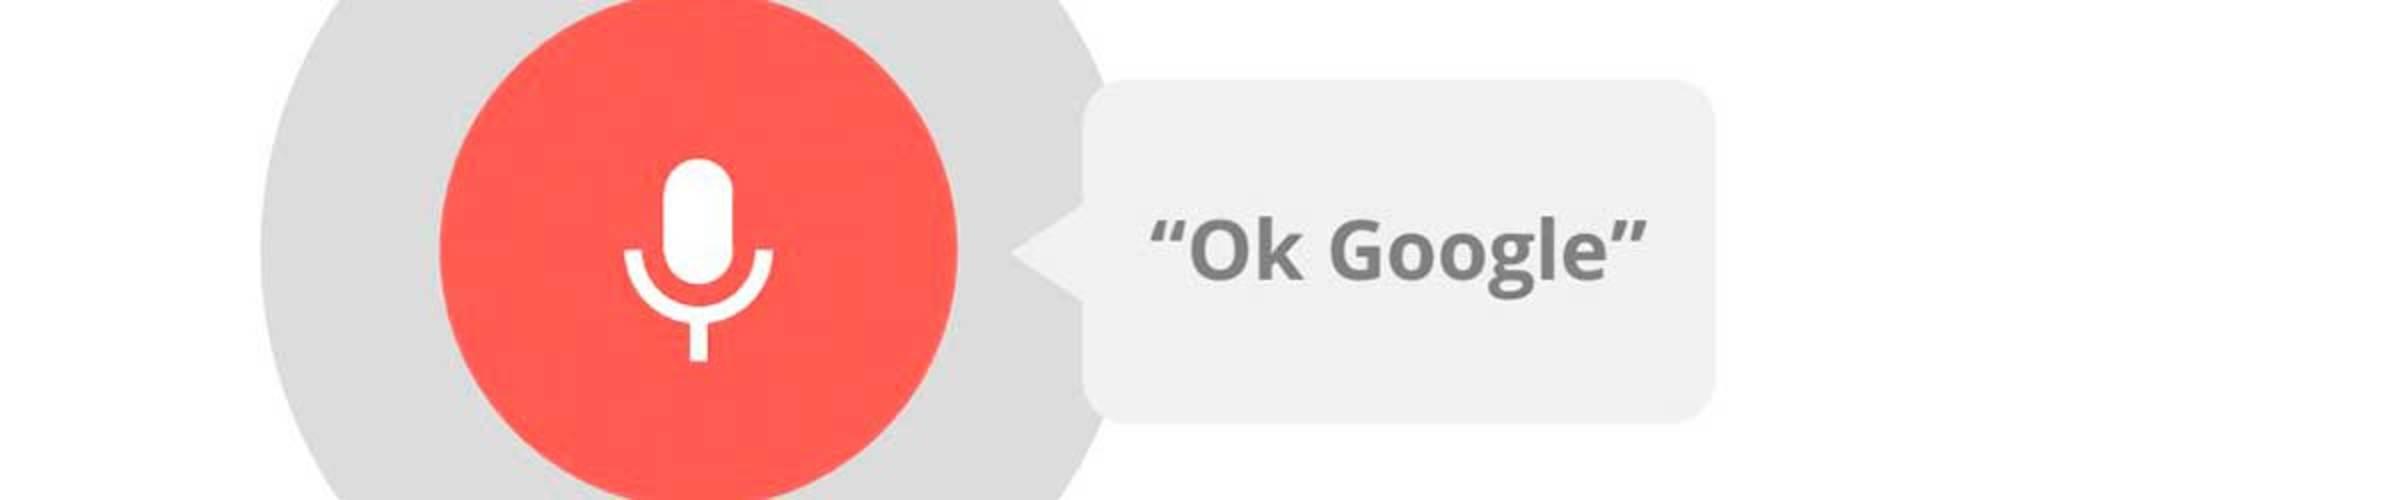 OK GOOGLE или как настроить голосовой поиск на компьютере